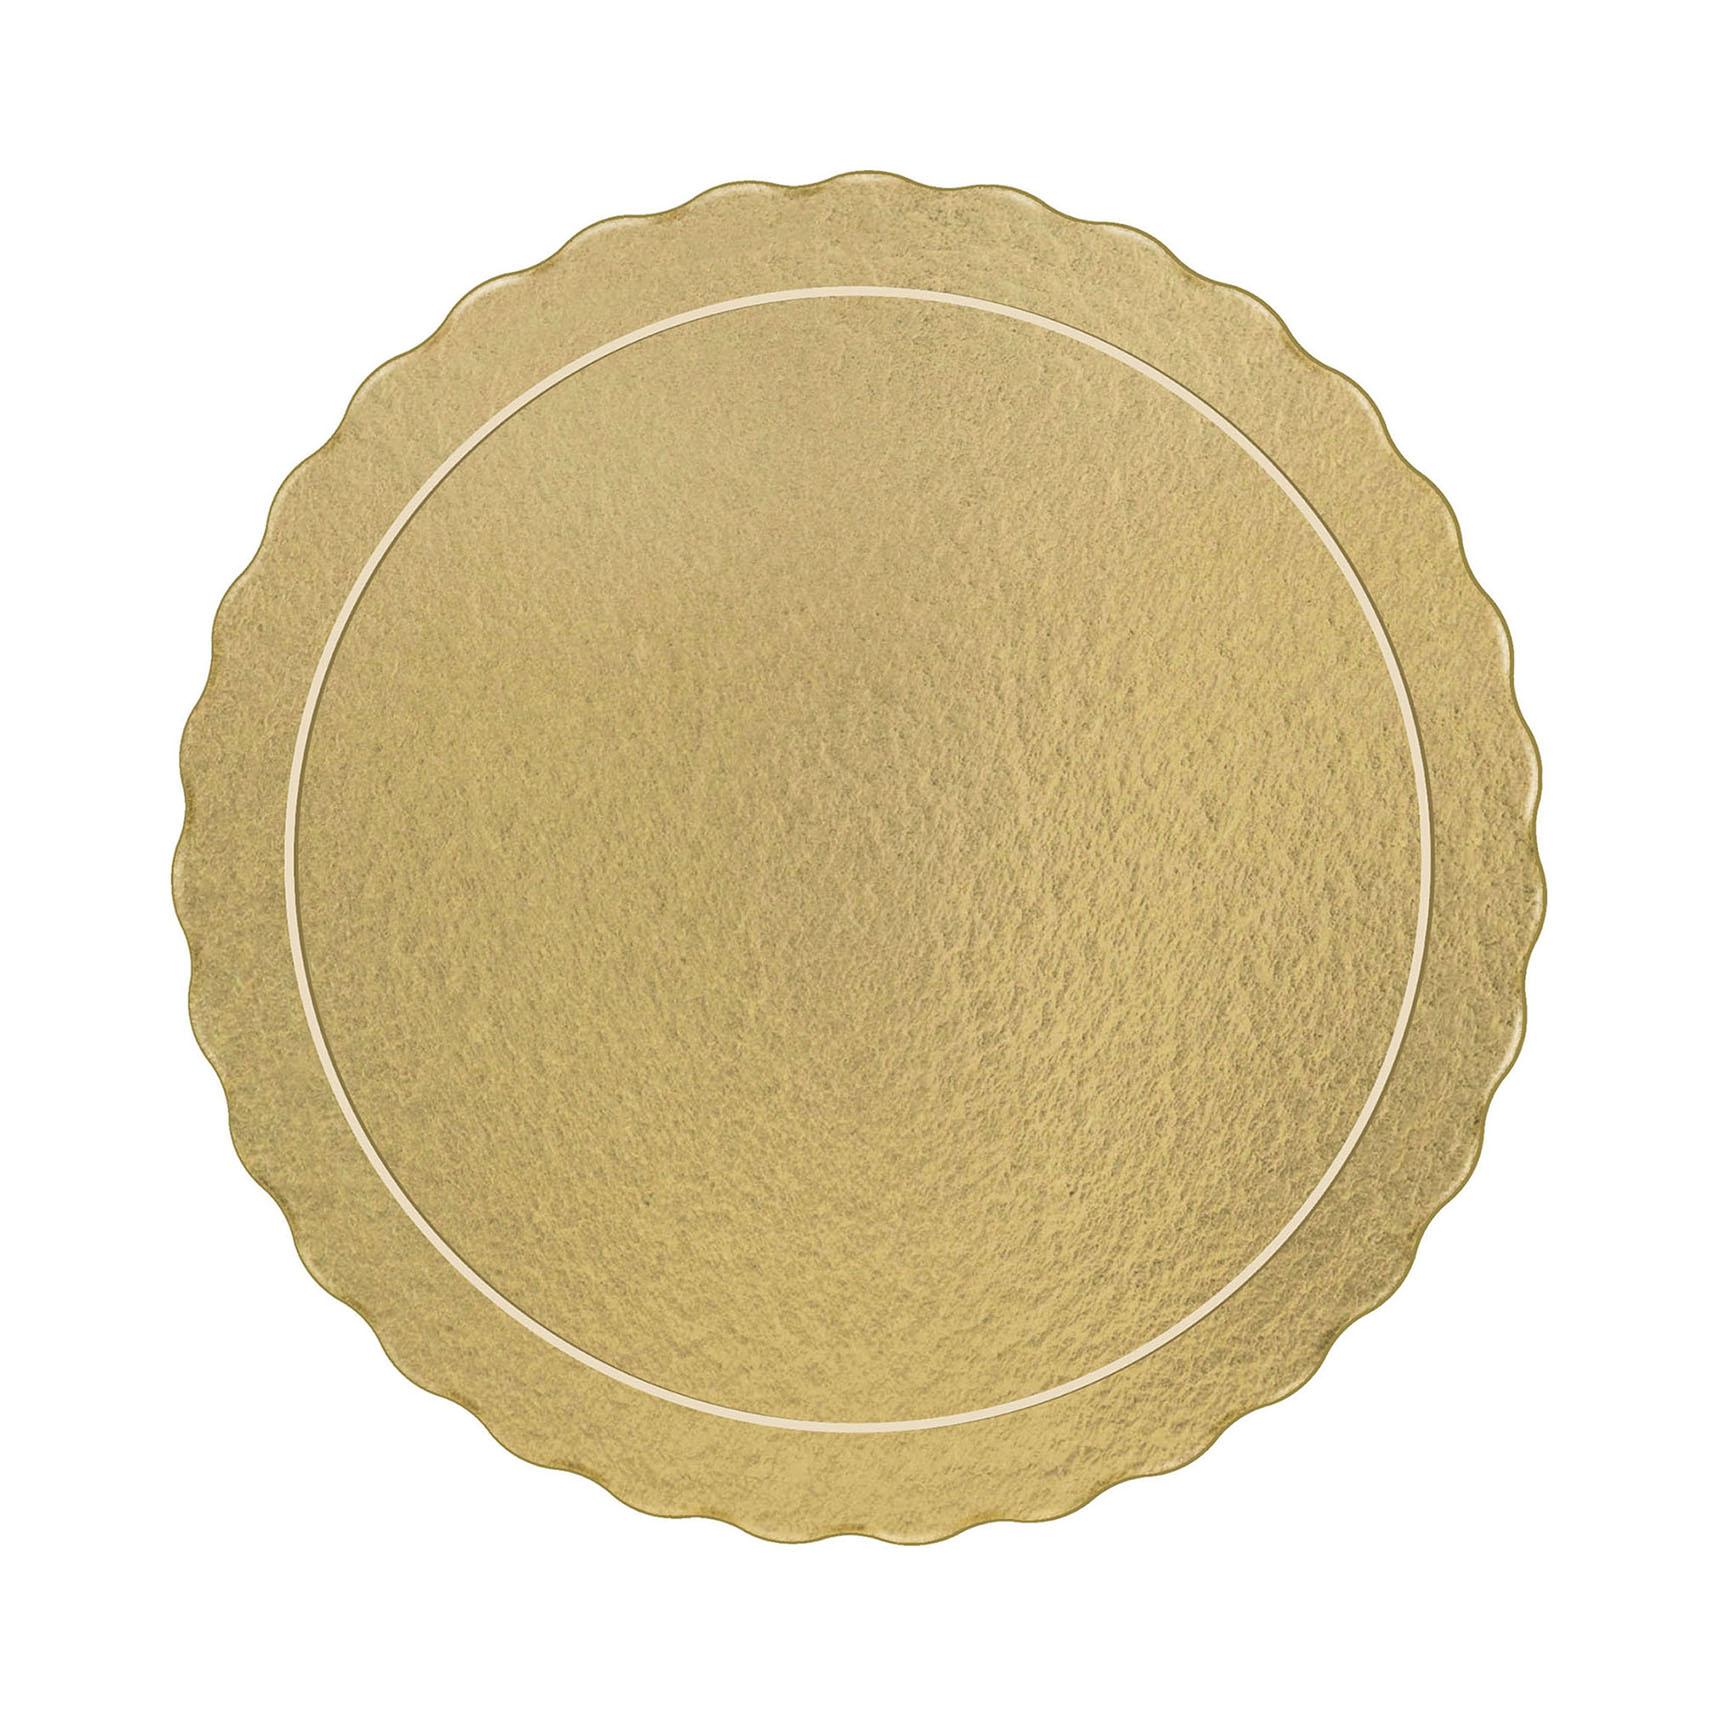 Kit 60 Bases Laminadas Para Bolo, Cake Board, 28 e 32cm - Ouro